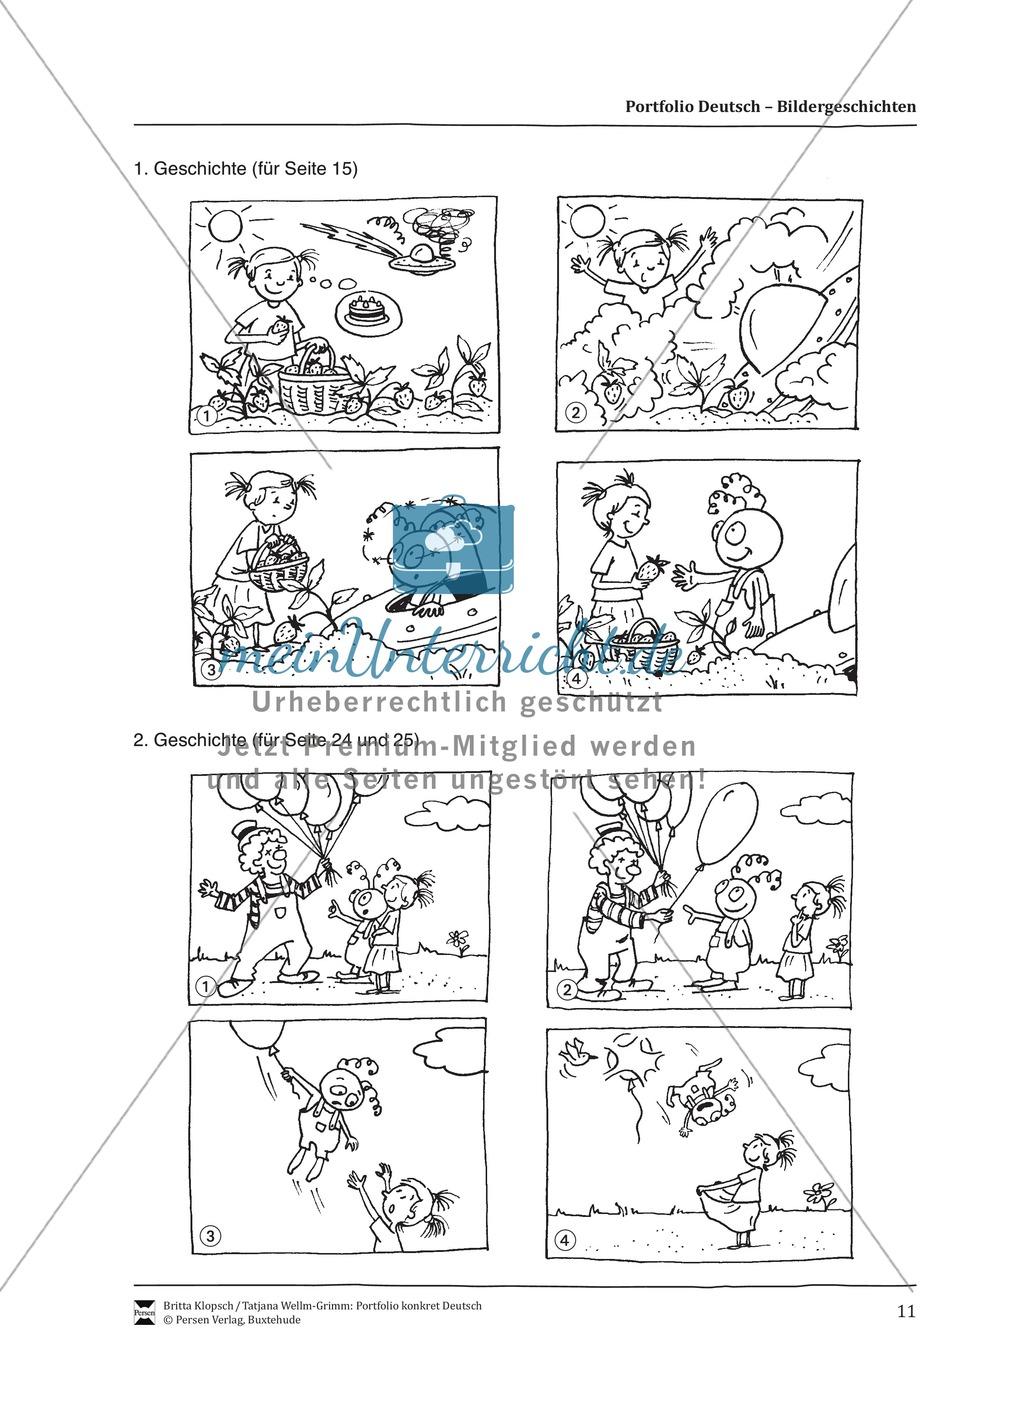 Kopiervorlagen für Aufsatzerziehung am Beispiel Bildergeschichte Preview 3